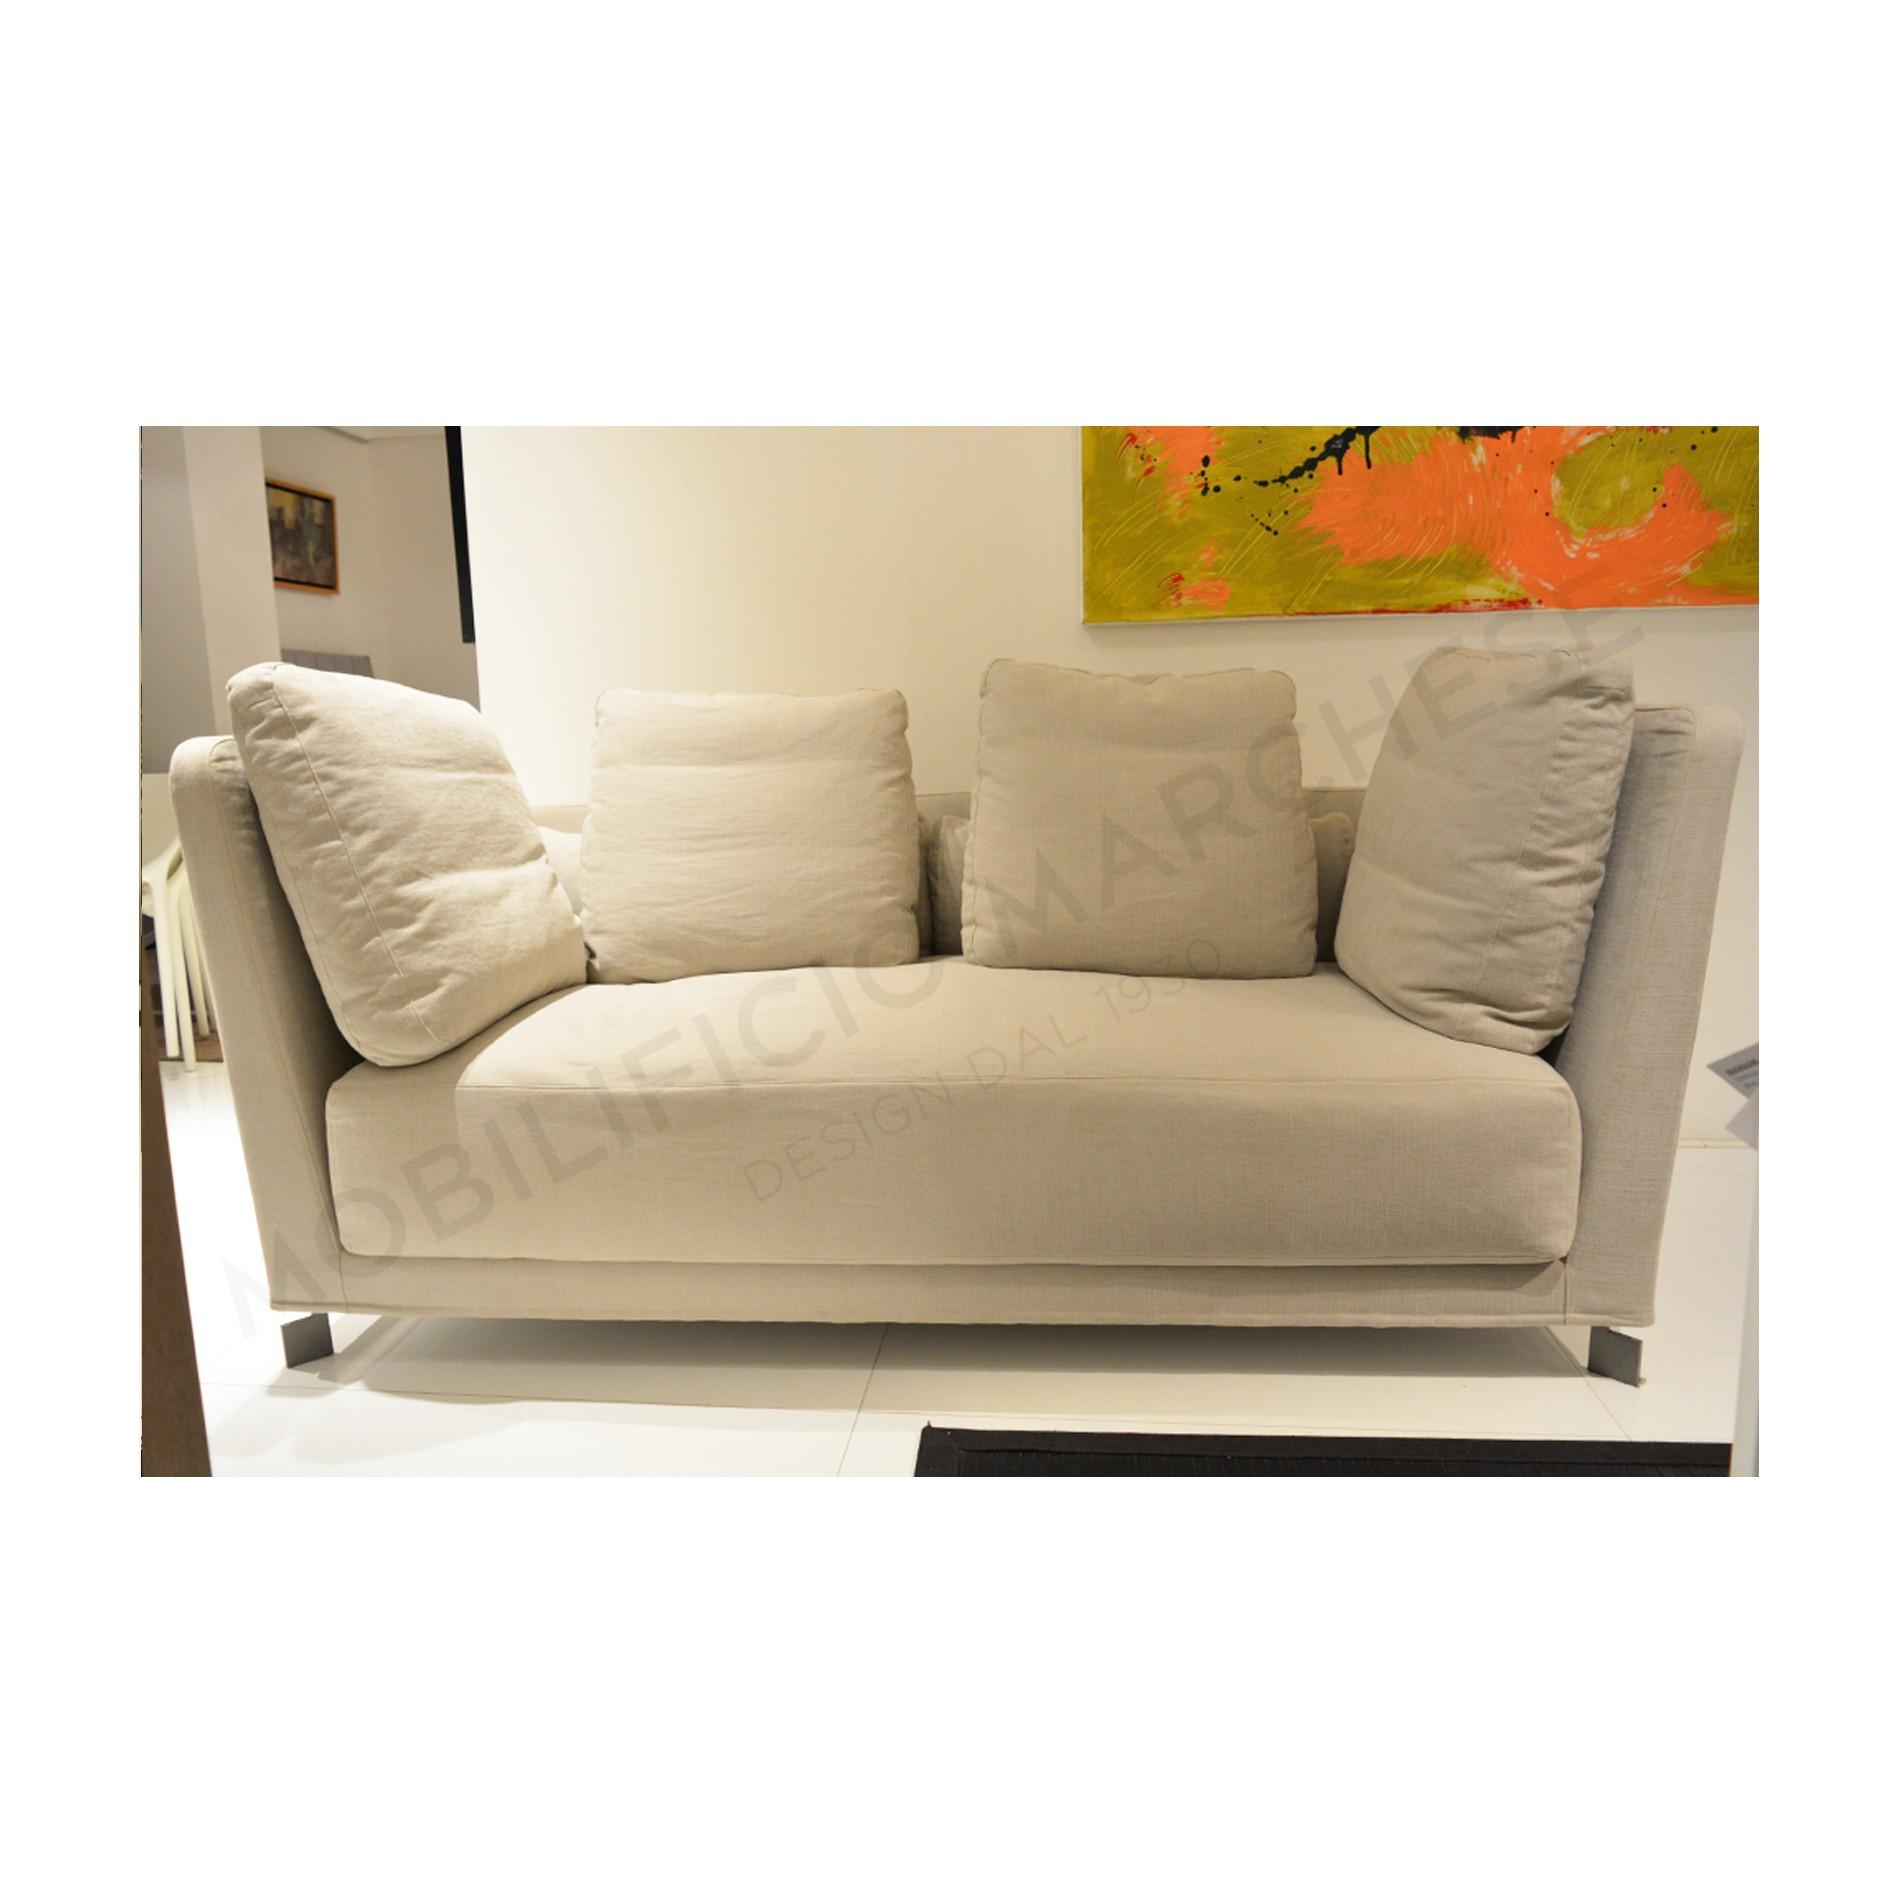 Bedda sofa by Driade Mobilificio Marchese